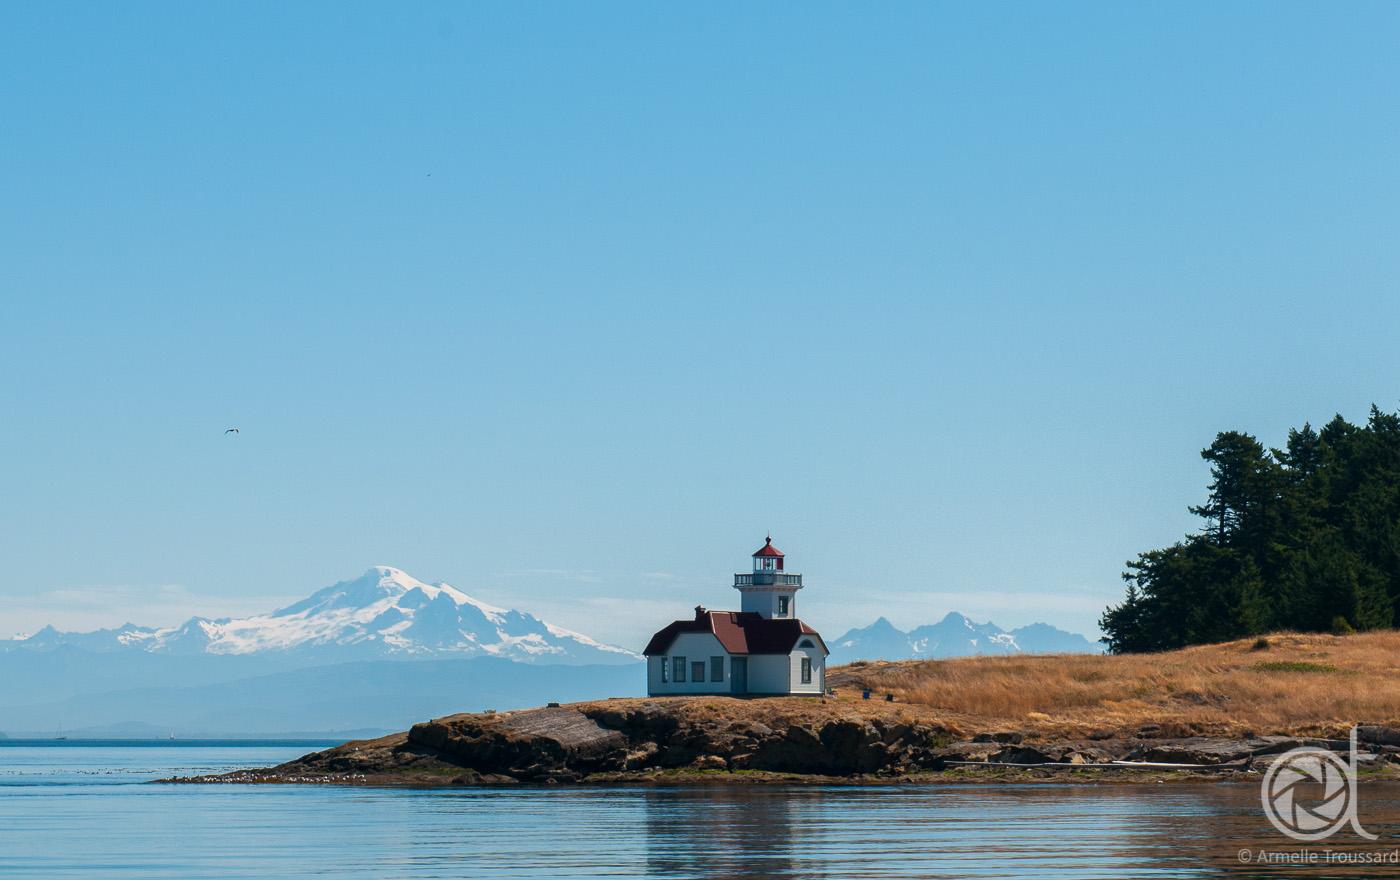 Patos Island lighthouse and Mount Baker, Washington state, US.